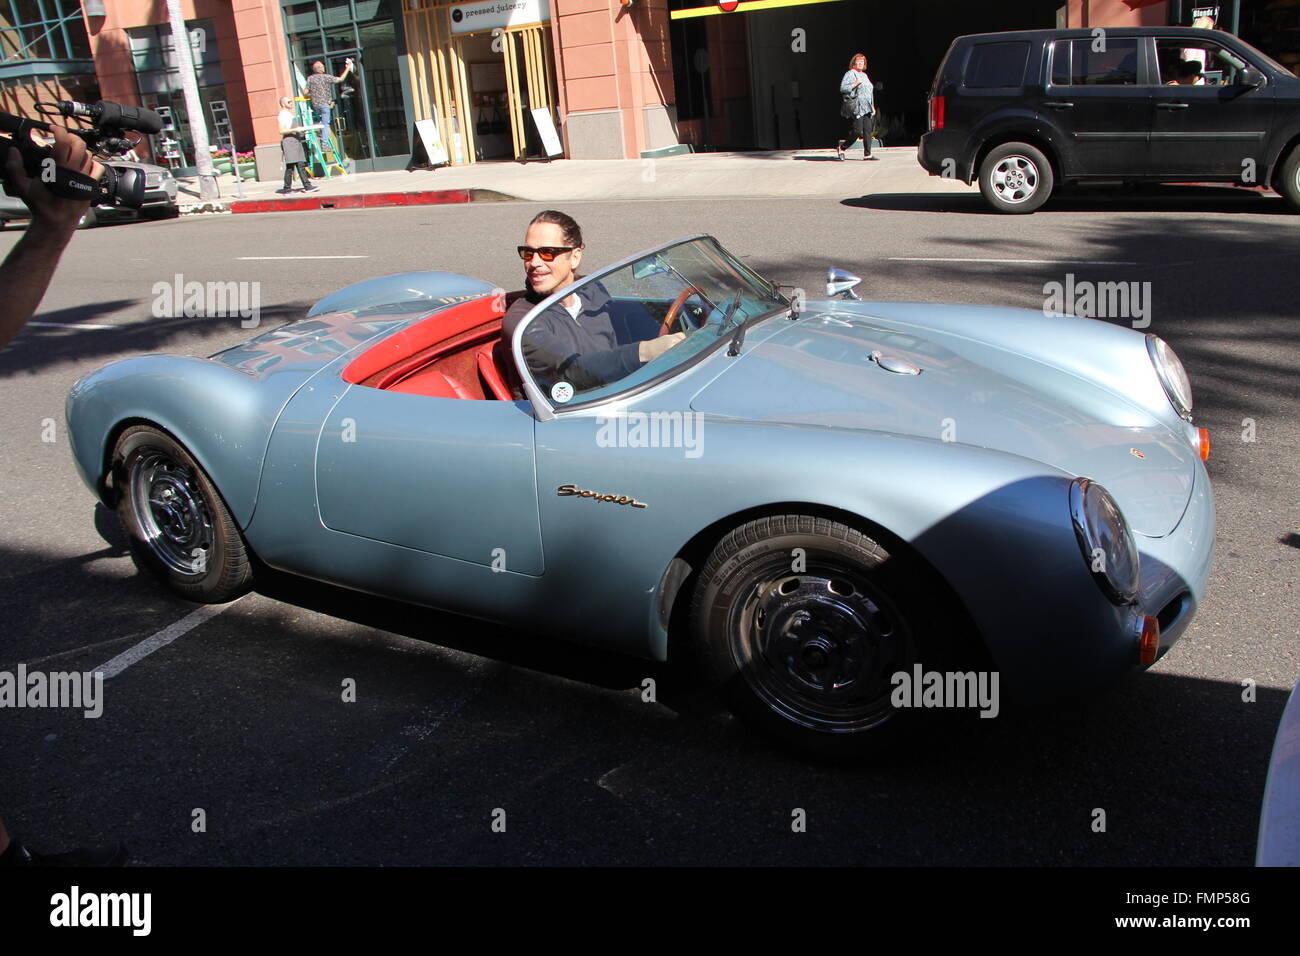 chris cornell jumps into his vintage 1955 porsche speedster spyder the same model james dean